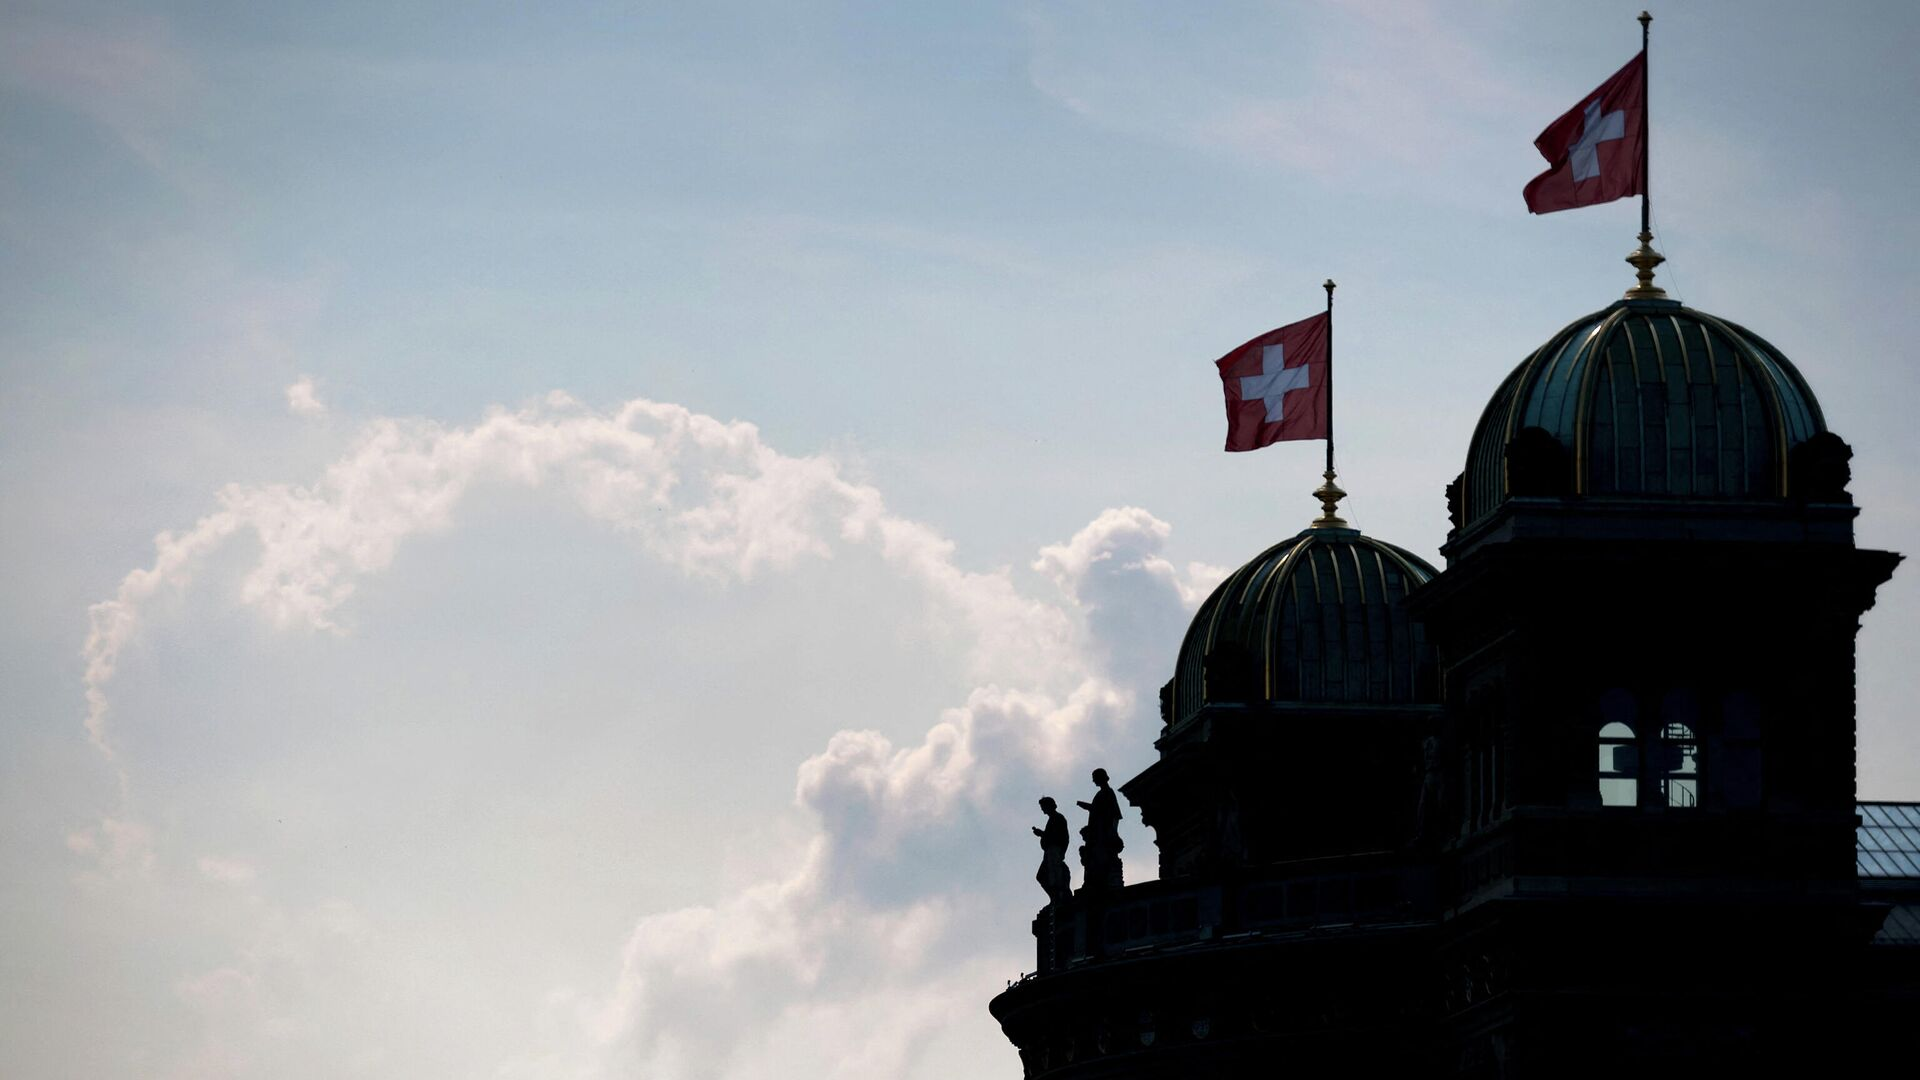 Gebäude des schweizerischen Parlaments in Bern (Archivbild) - SNA, 1920, 05.05.2021